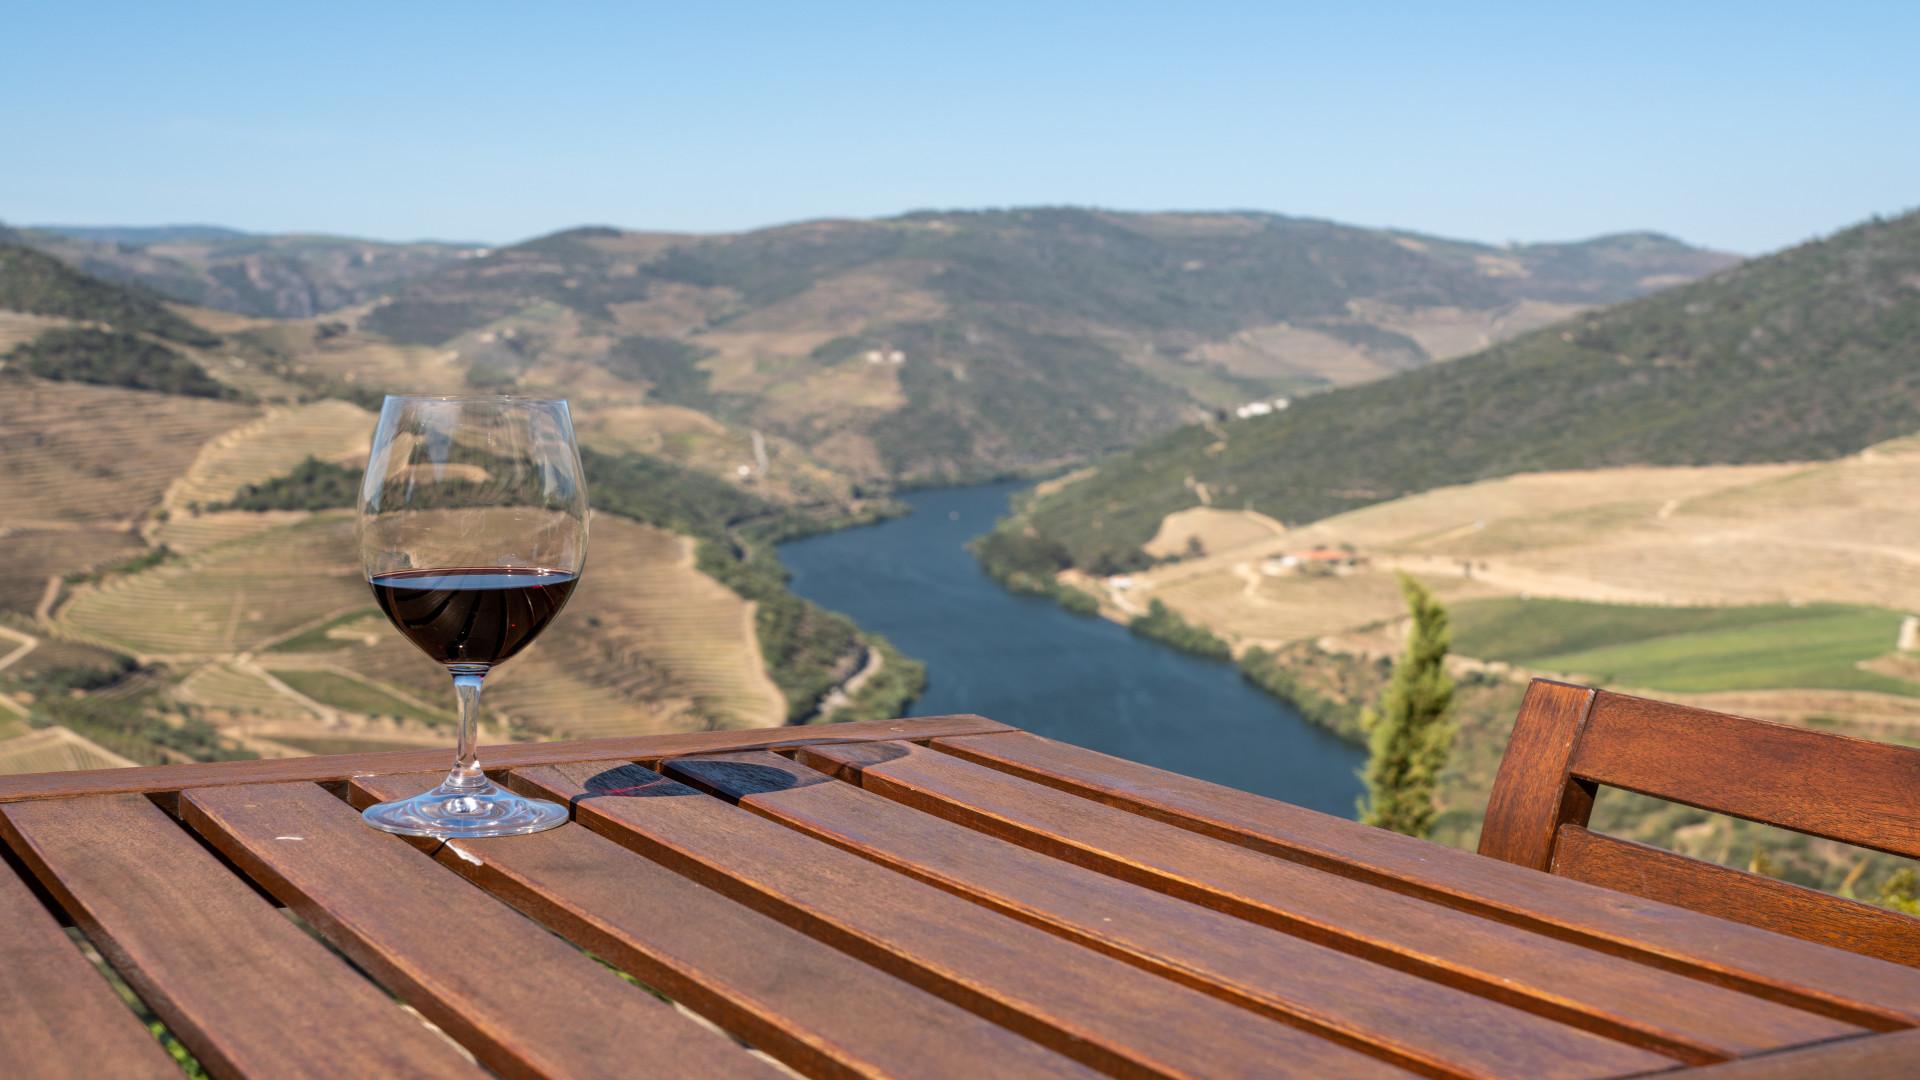 Glas rode Port op tafel met uitzicht op de Douro vallei, Portugal